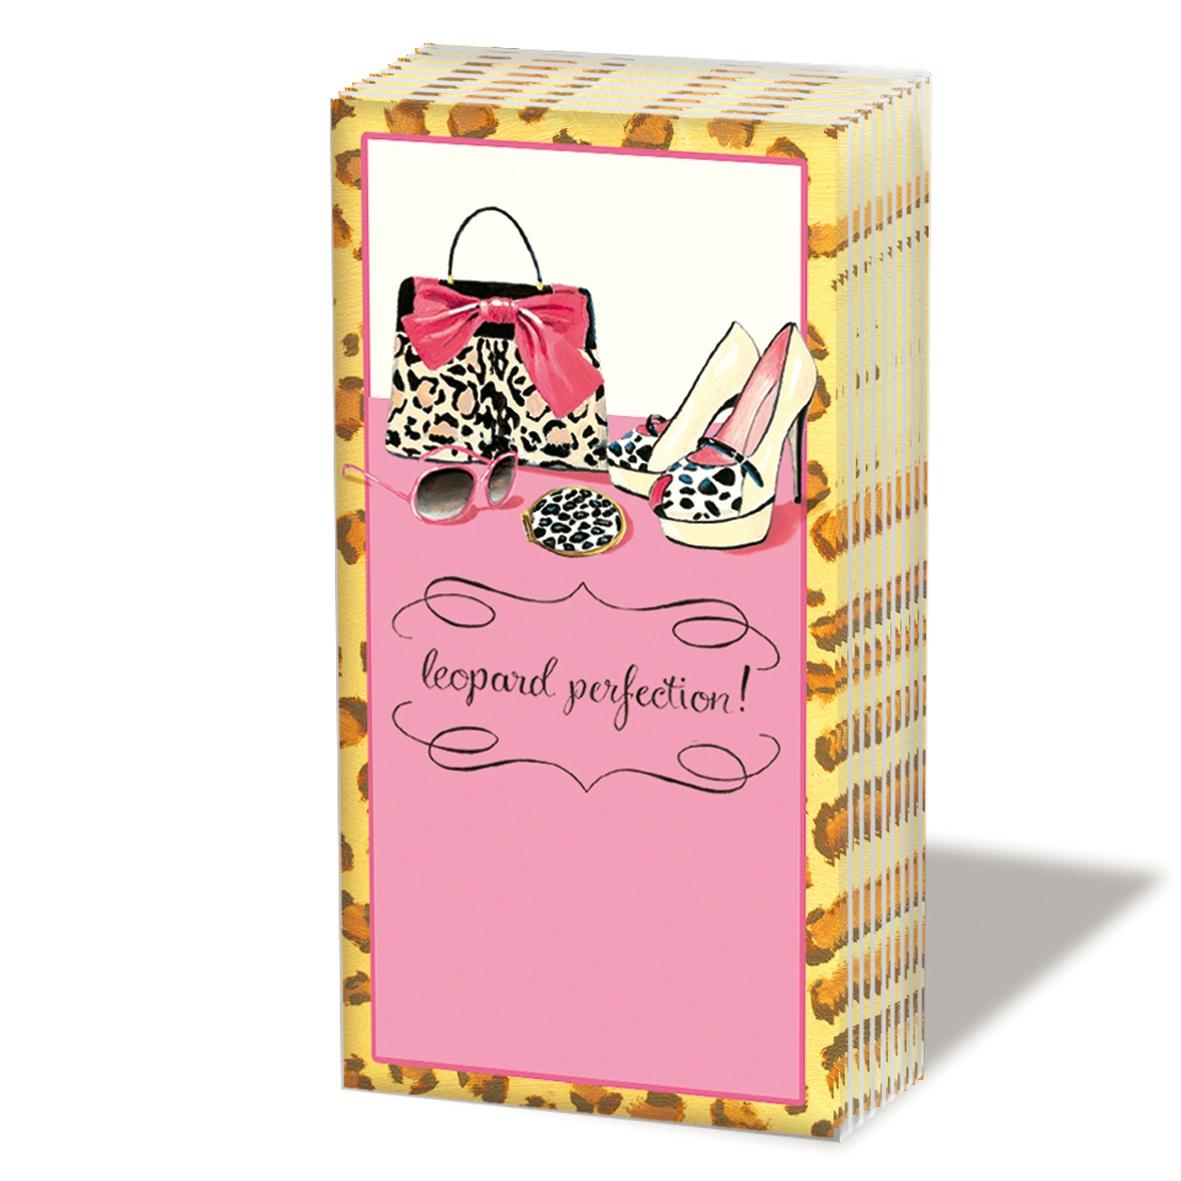 Taschentücher Leopard Perfection,  Everyday,  bedruckte papiertaschentücher,  Handtasche,  Schuhe